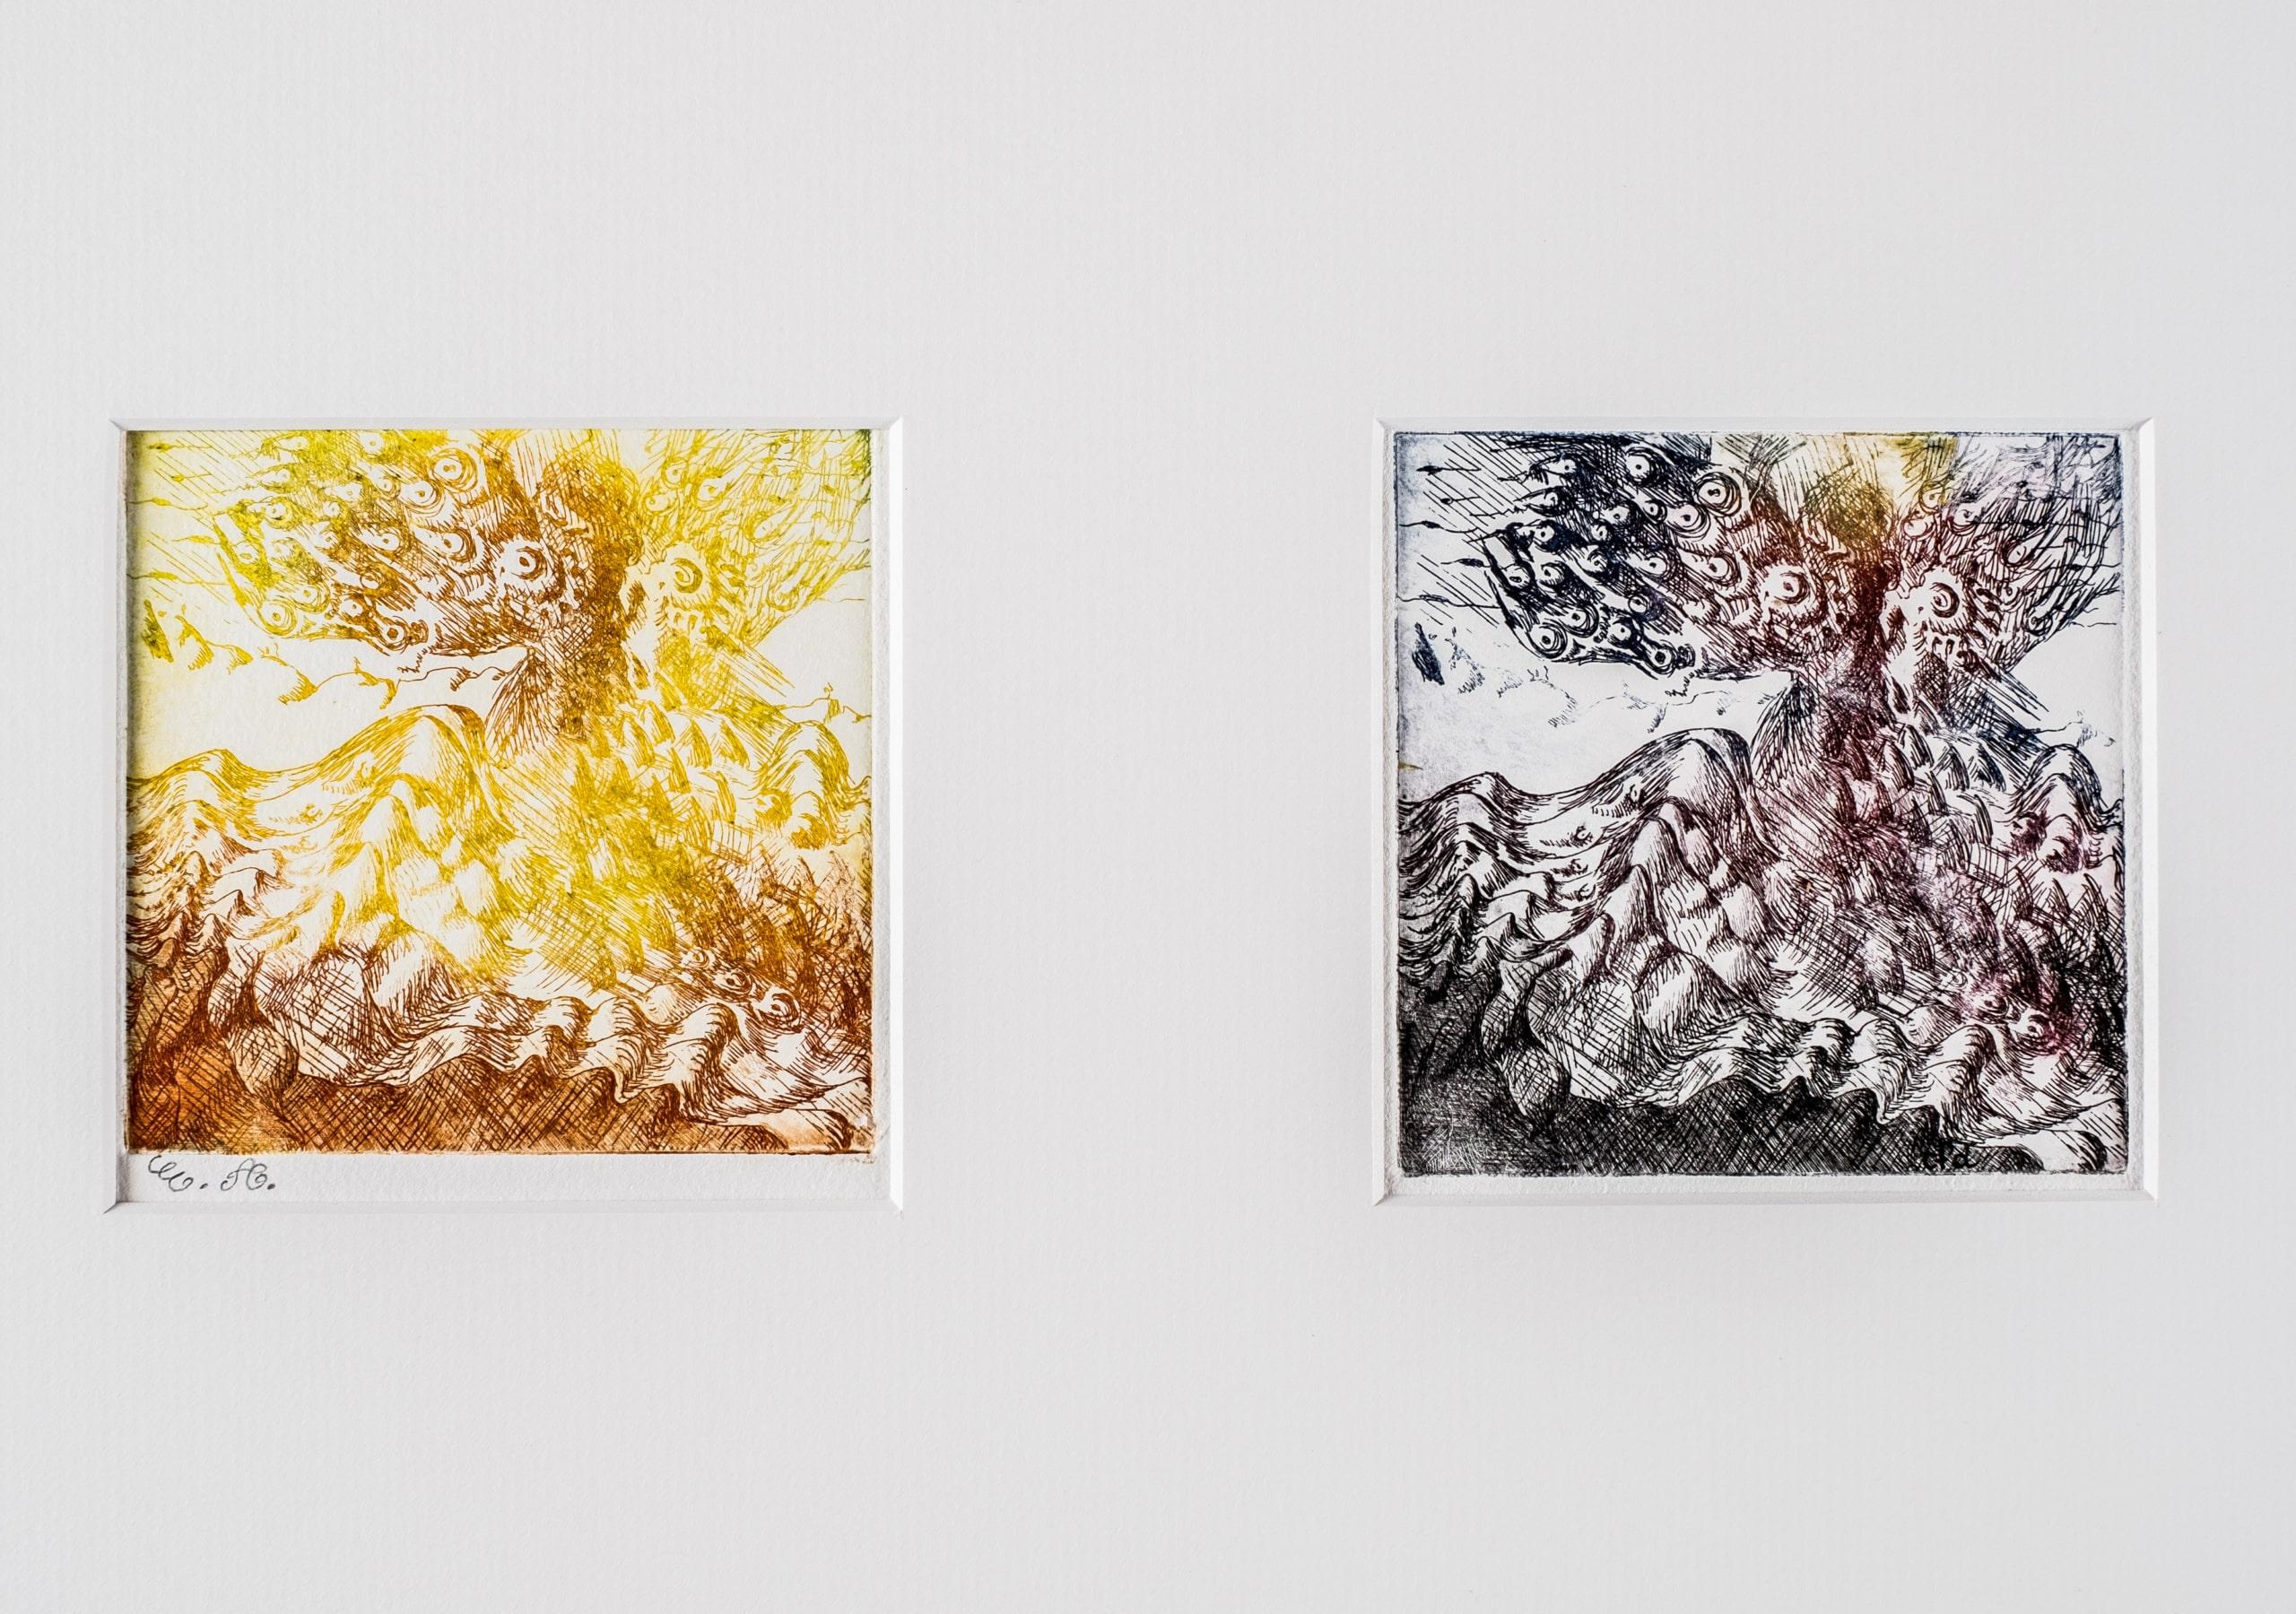 deux paysages imaginaires côte à côte en jaune et en disparition des couleurs